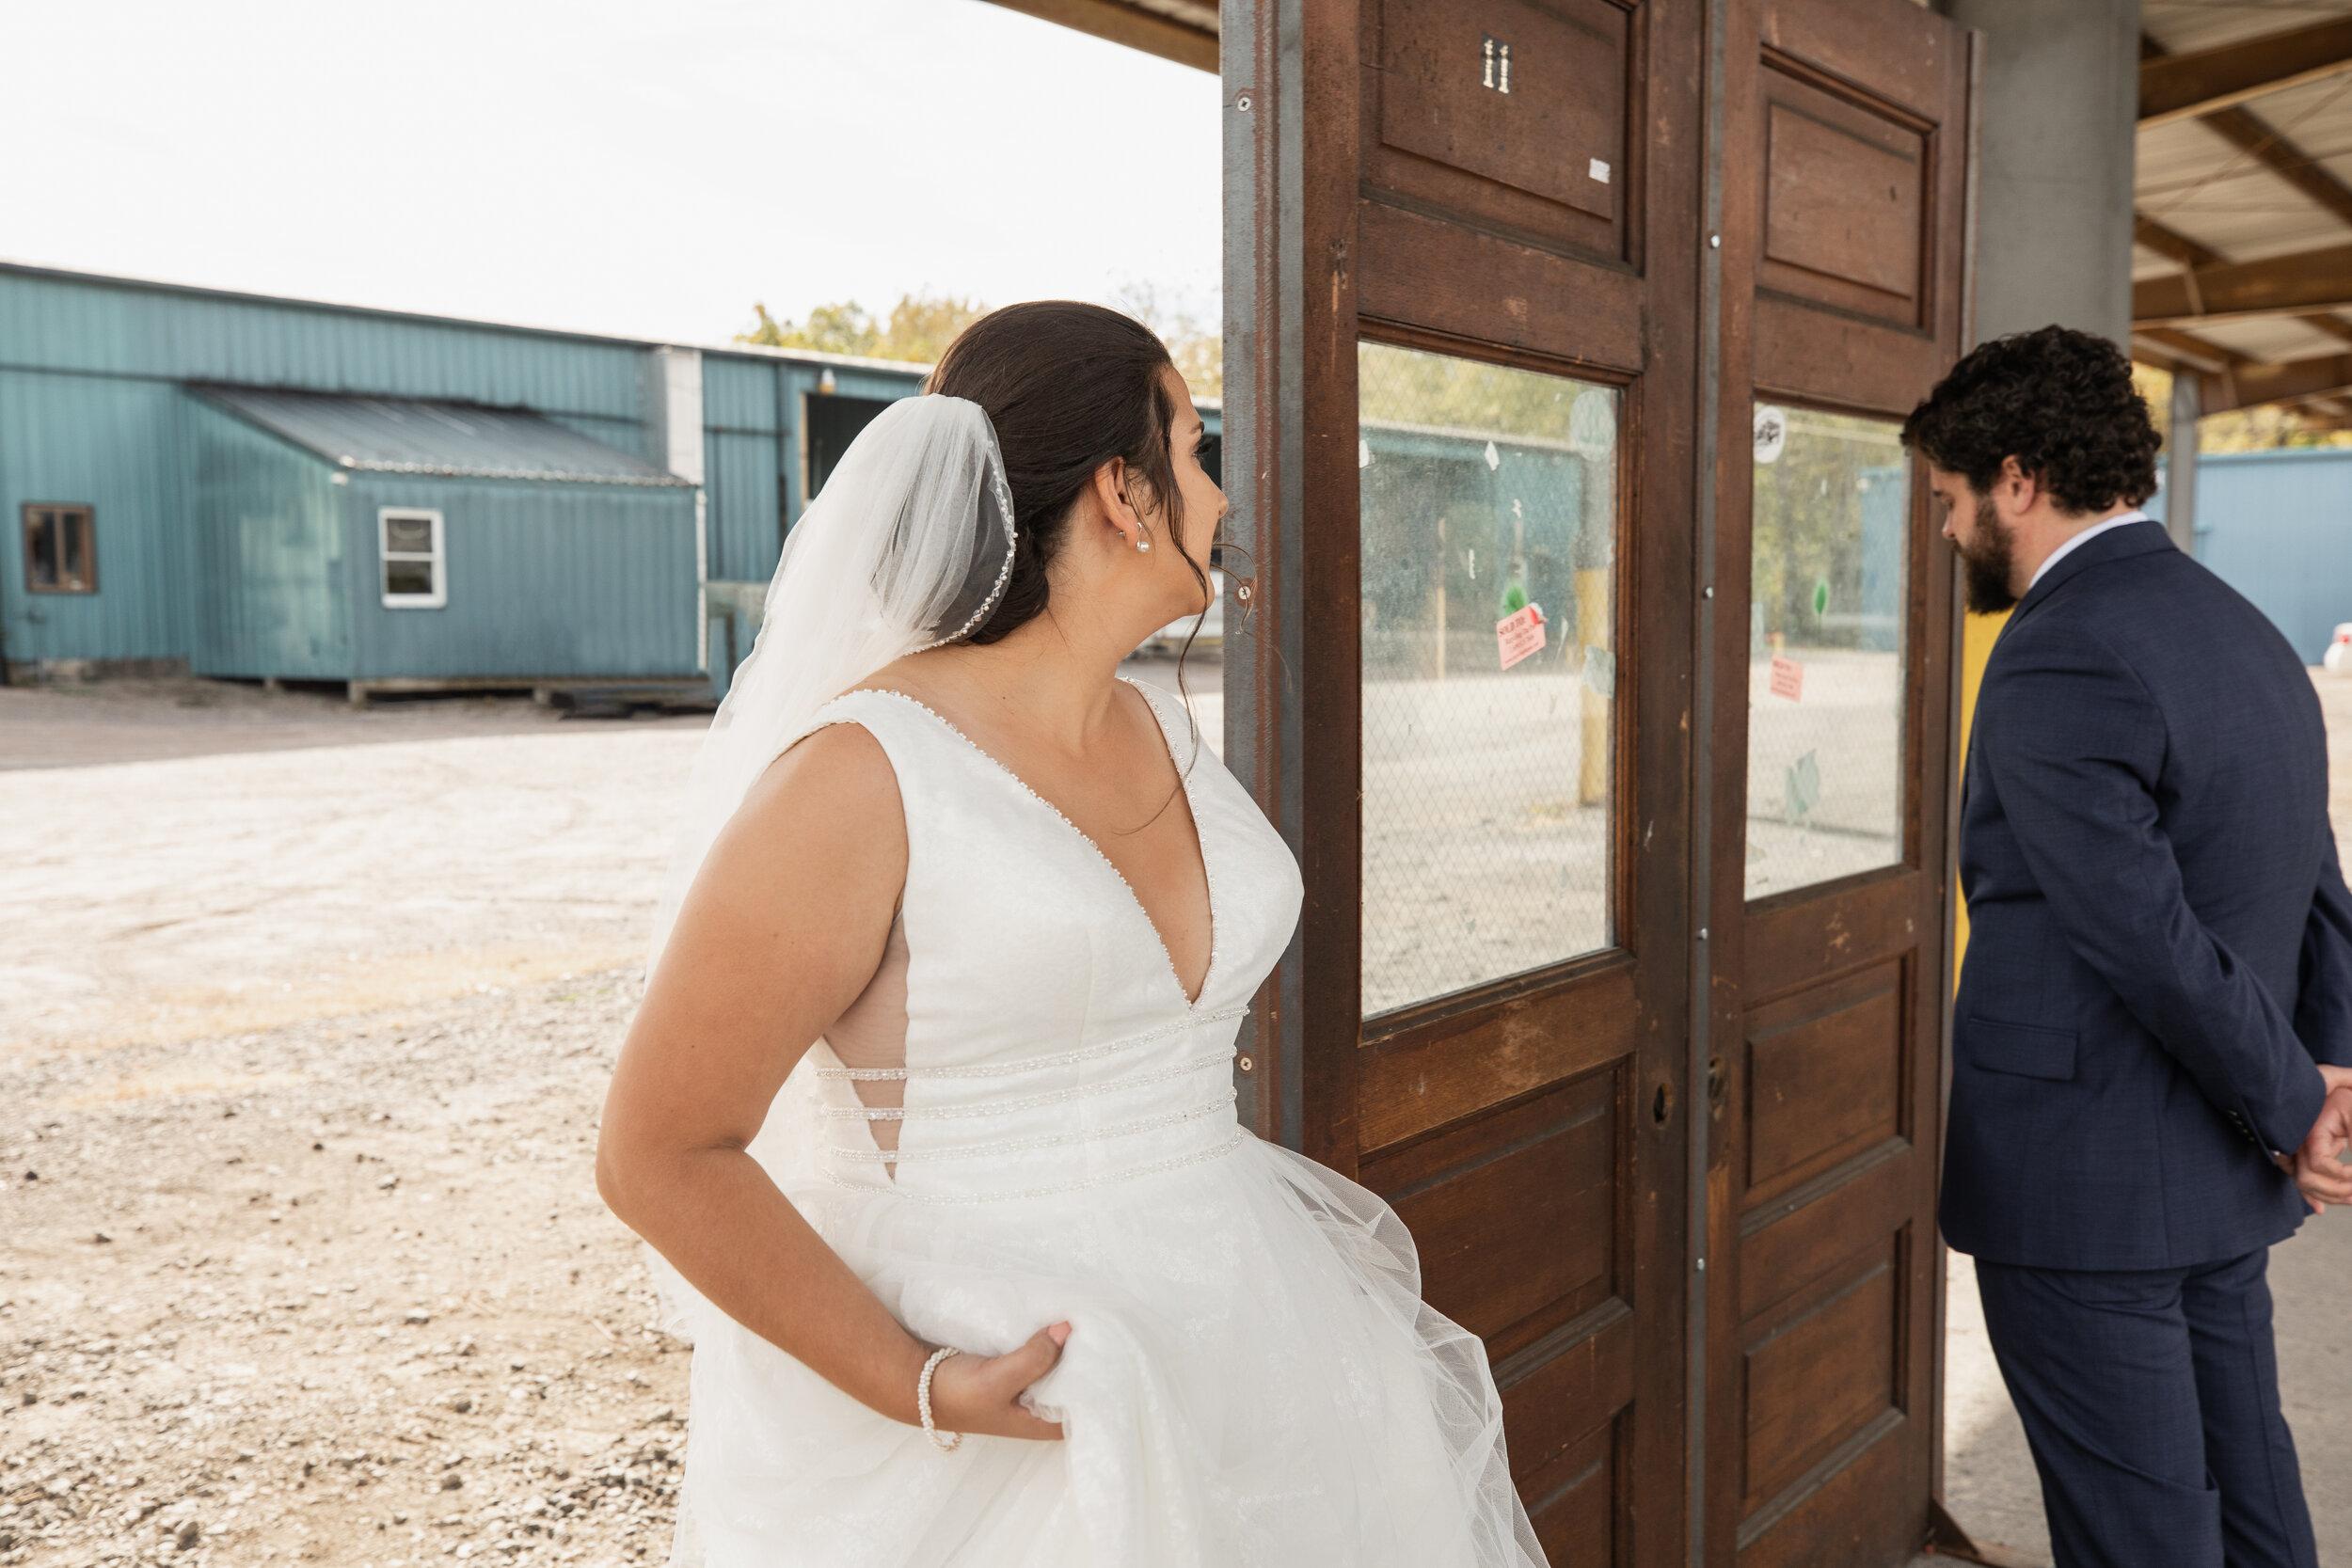 2019-10-19 herrick kulhanek wedding teasers-2.jpg